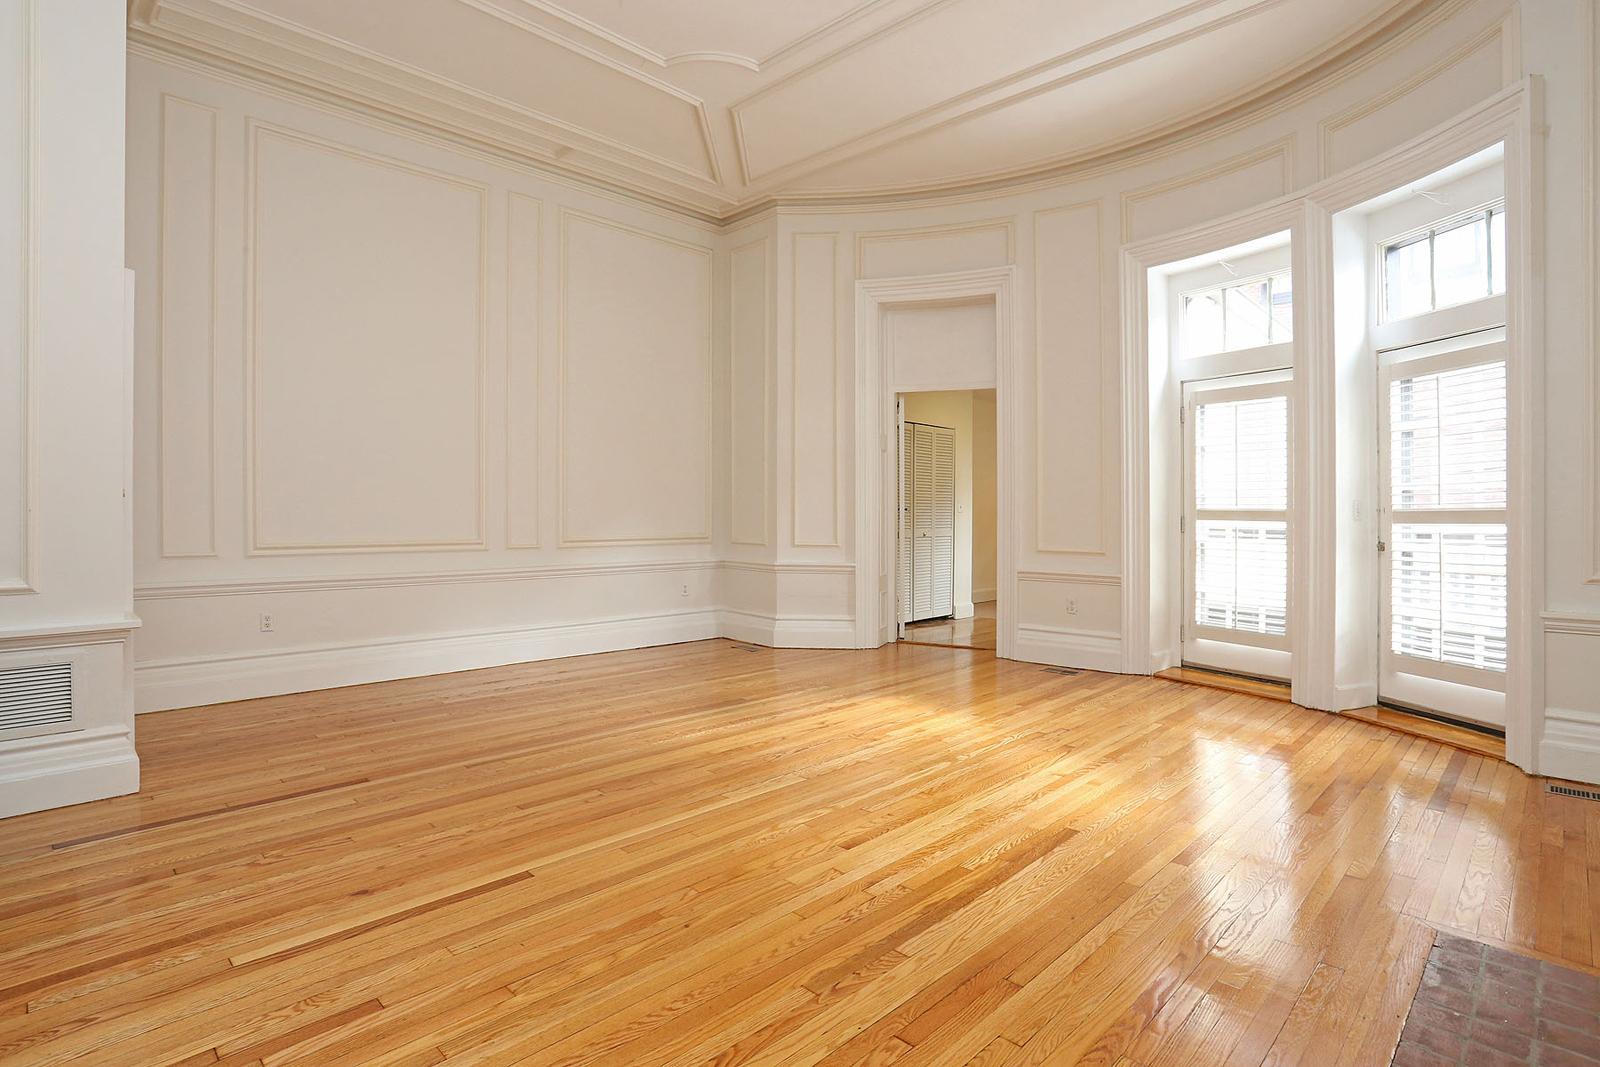 Maison unifamiliale pour l Vente à Beacon Place 125 Beacon Unit 4 Back Bay, Boston, Massachusetts, 02116 États-Unis